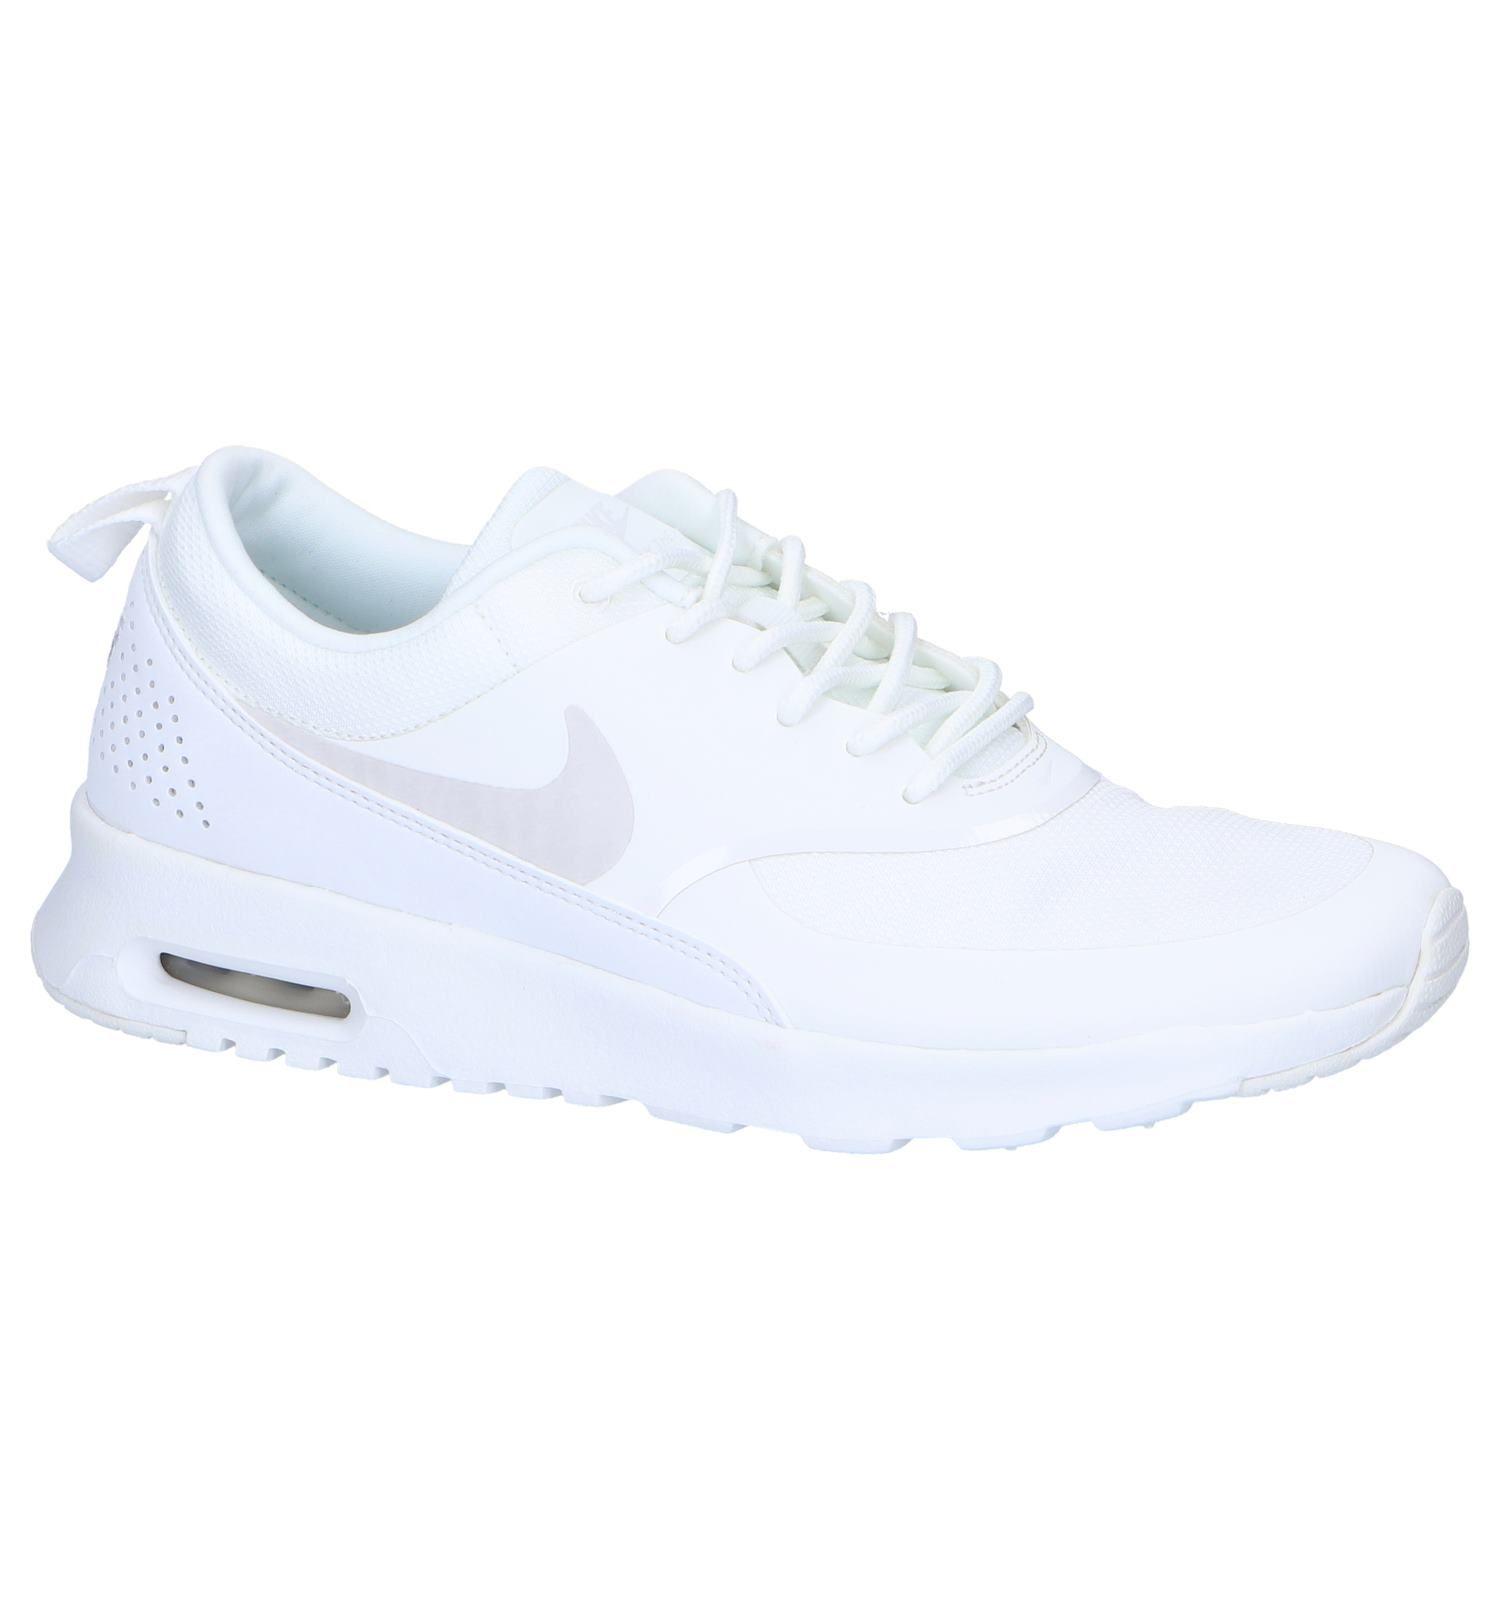 Super Witte Sneakers Nike Air Max Thea | TORFS.BE | Gratis verzend en BH-14